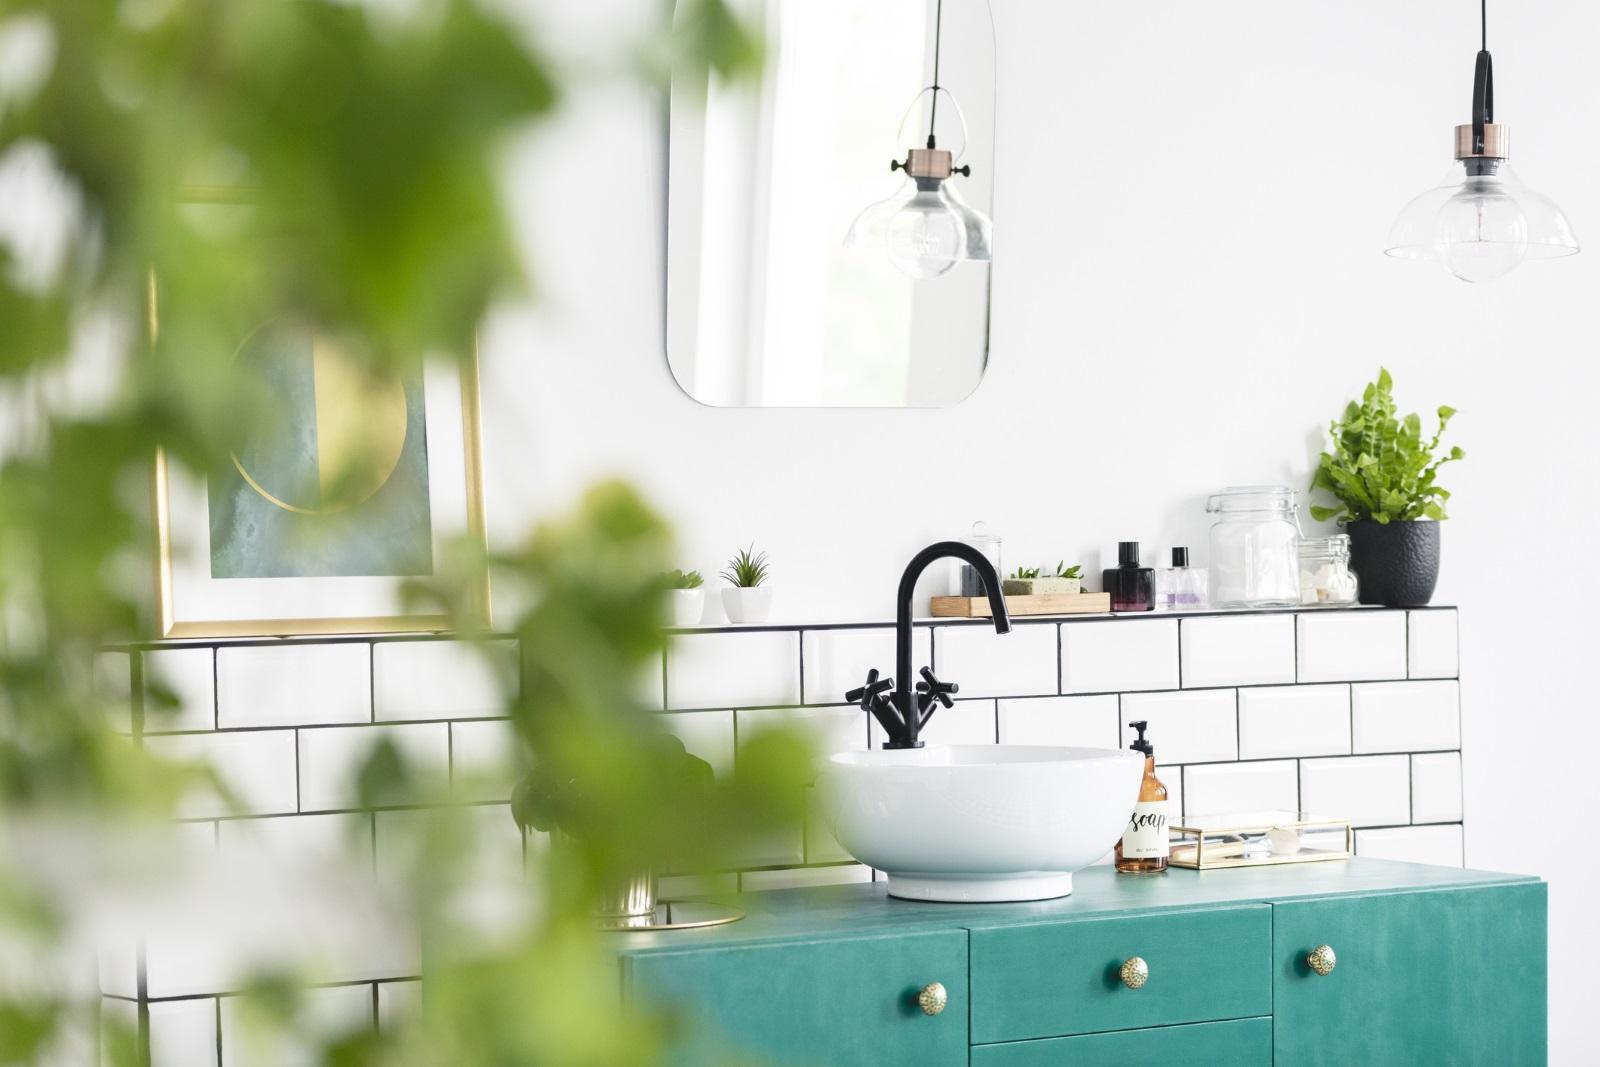 <p>Ако е сравнително тясно помещение, наблегнете на малките, но закачливи предмети&nbsp;в ярки цветове. Ако сте от късметлиите, които имат голяма и просторна баня, заложете на спа декор в успокояващи пастелни тонове.</p>